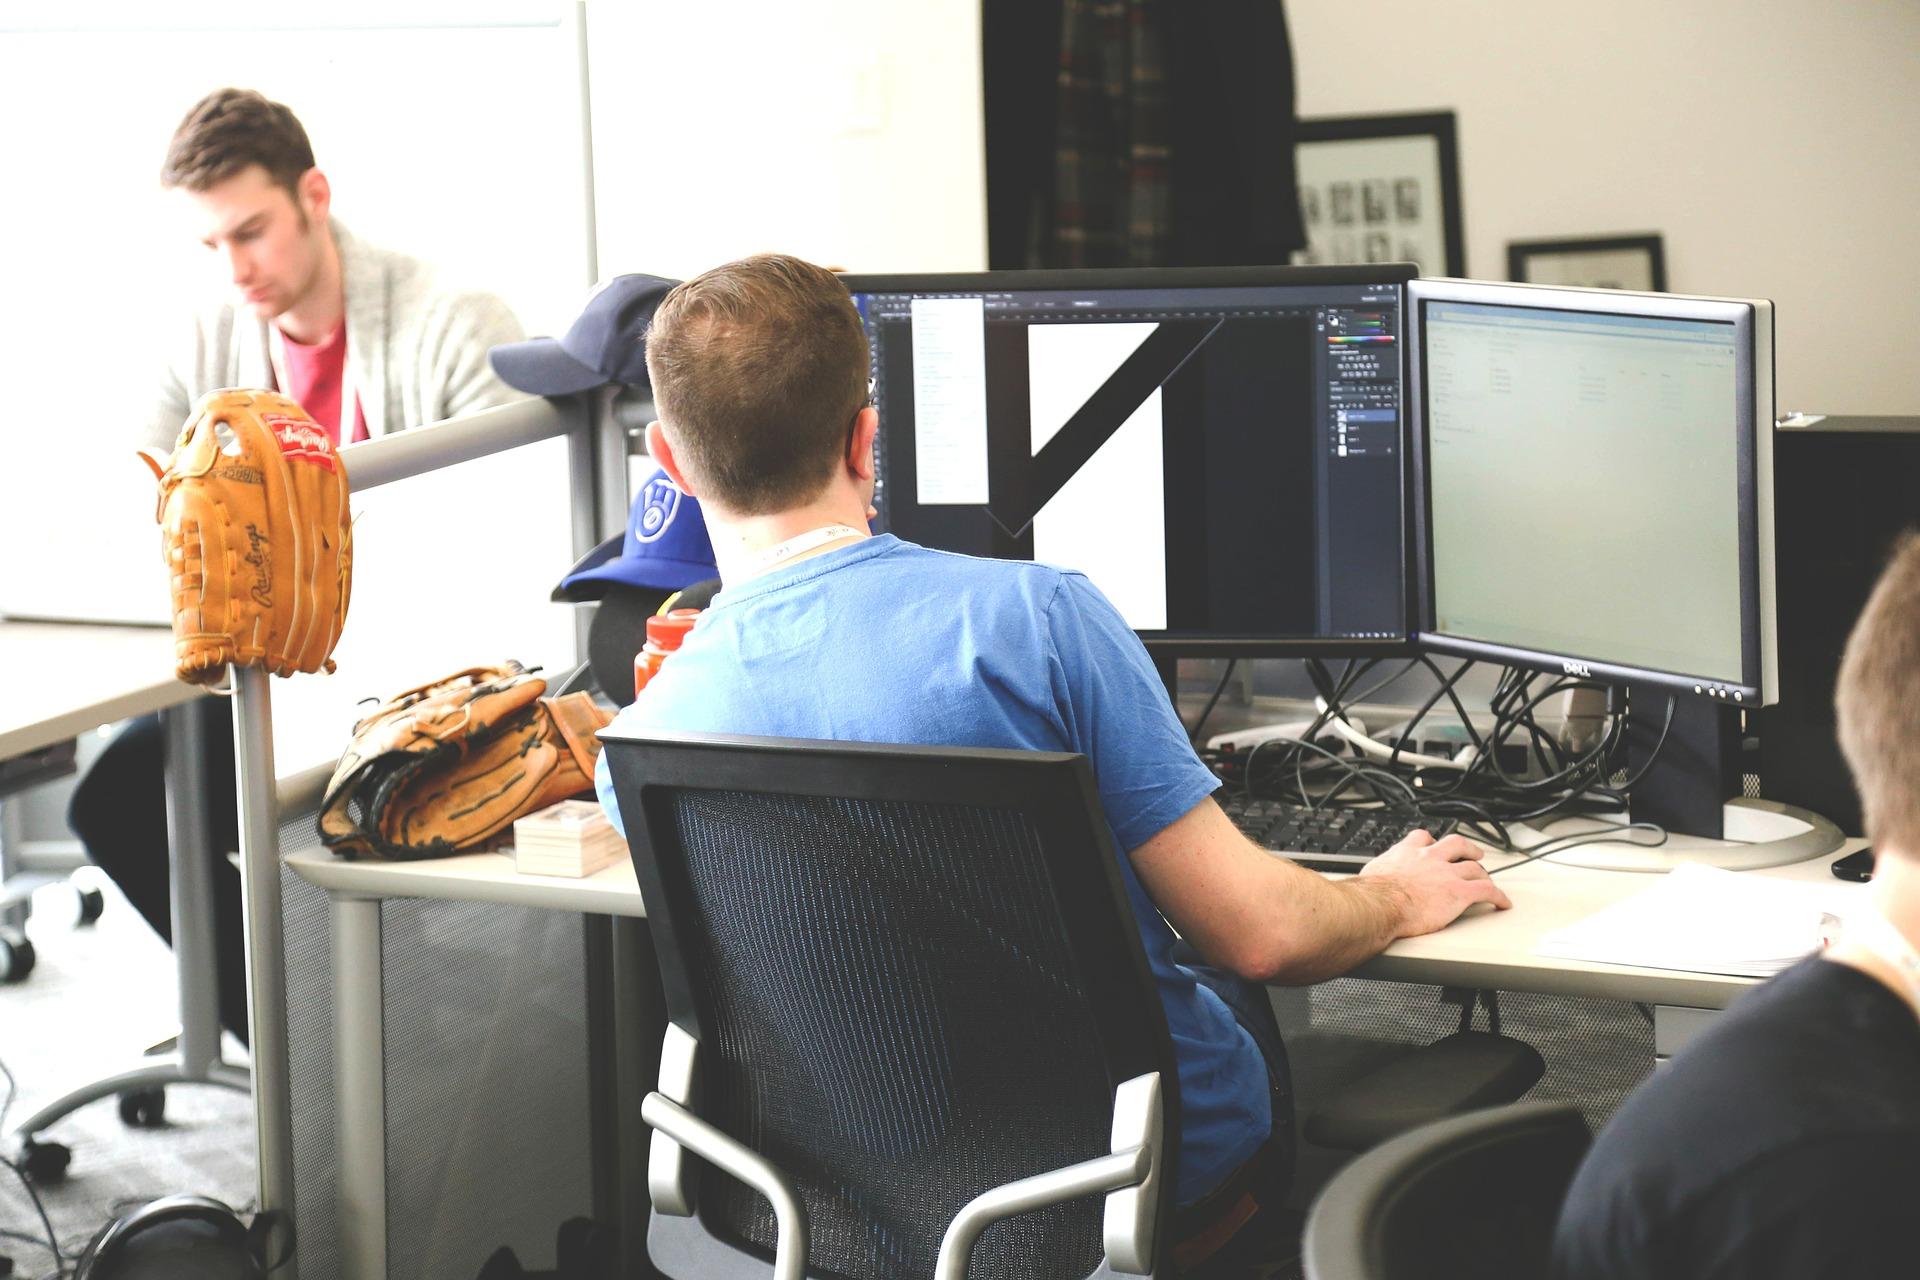 Um homem em um escritório. Ele está de costas, sentado numa cadeira giratória, em frente ao computador. A cadeira ergonômica